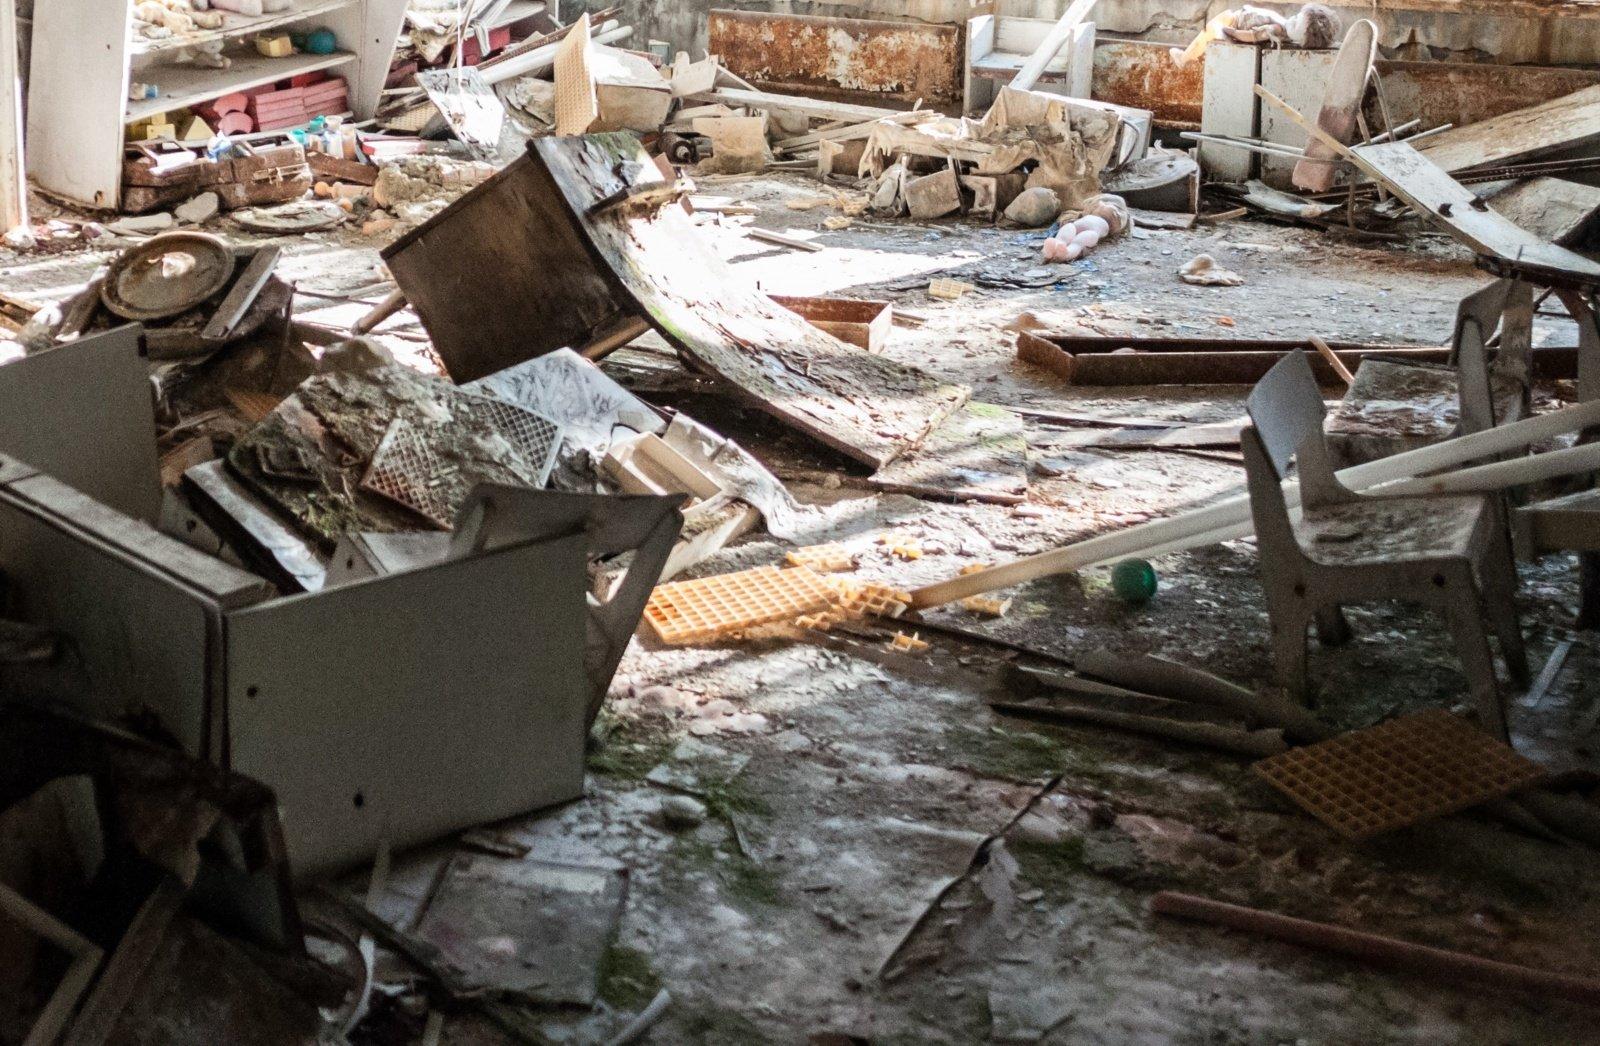 Už tūkstančius tonų statybinių atliekų priskaičiuoti 33 mln. eurų žalos gamtai